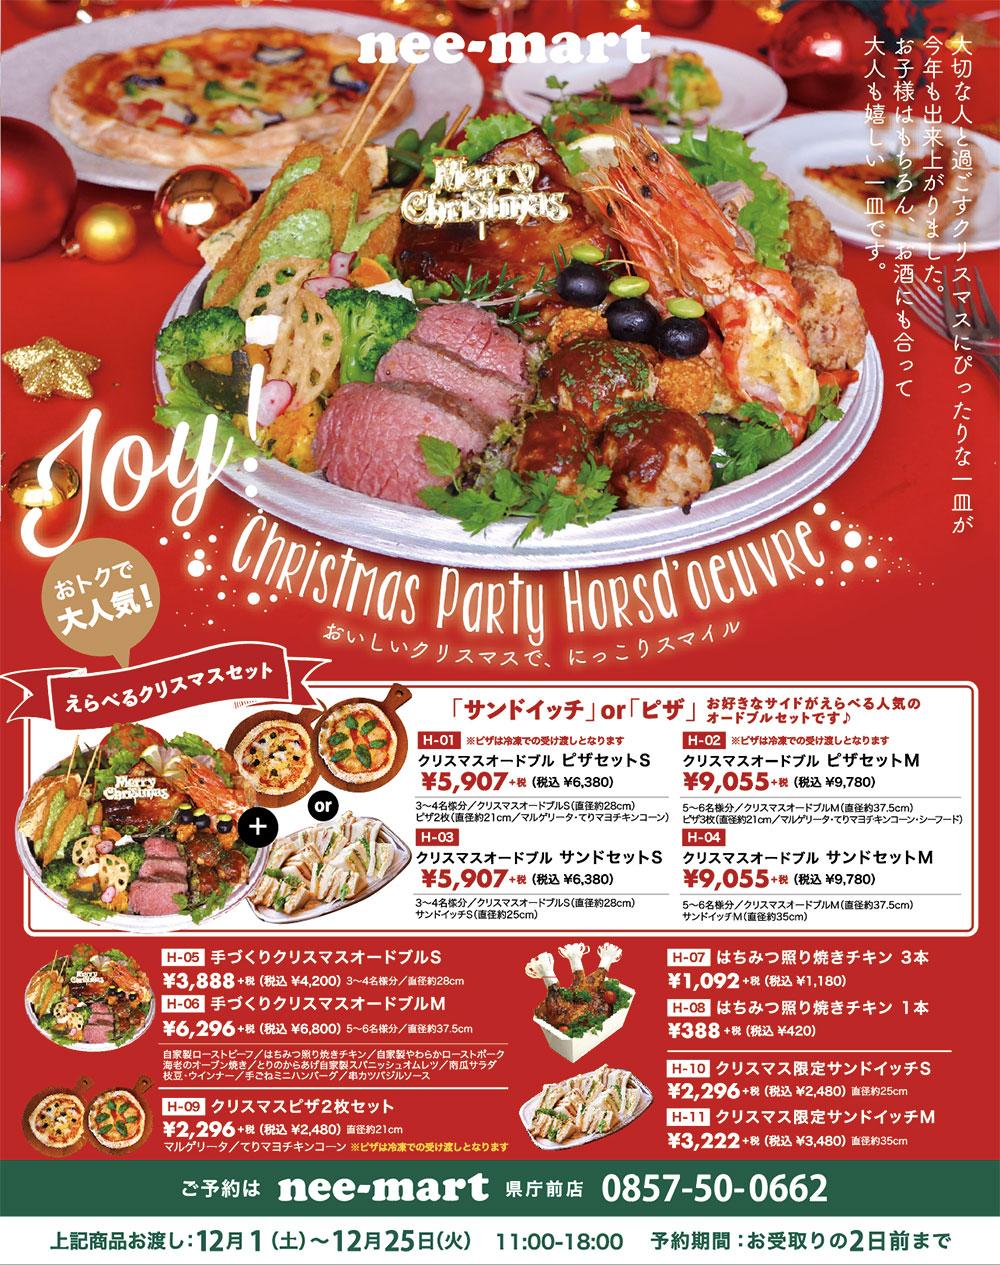 鳥取 クリスマスオードブル盛皿 予約受付中